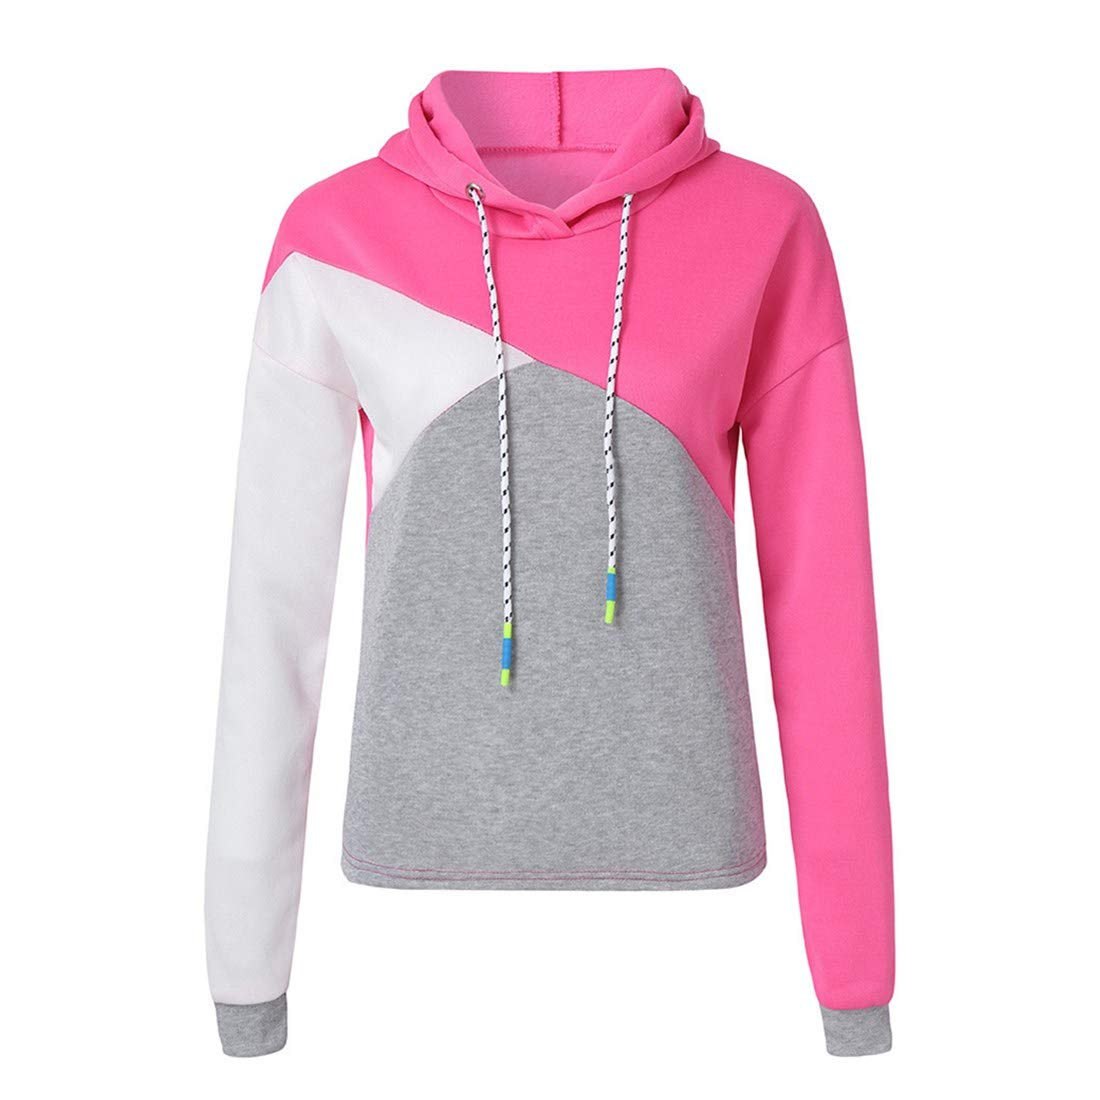 Ankola Cropped Hoodies for Women Womens Long Sleeve Drawstring Patchwork Sweatshirt Crop Top Hoodies